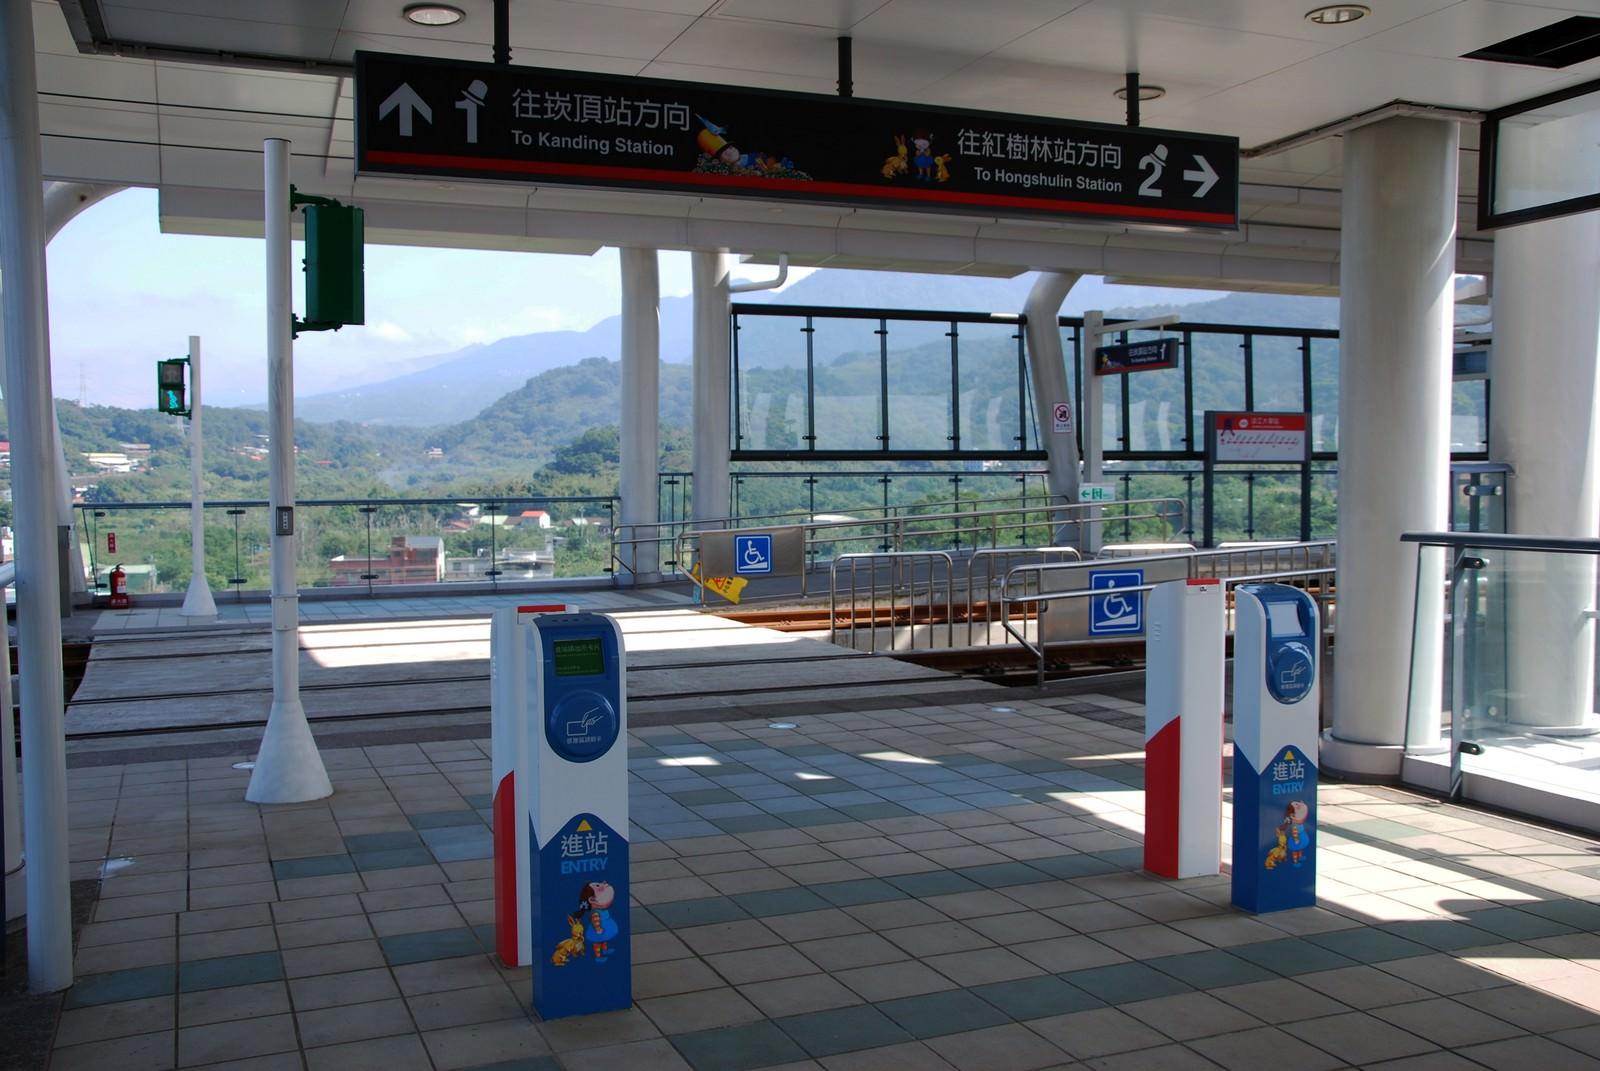 淡海輕軌綠山線, 輕軌淡江大學站, 刷卡機